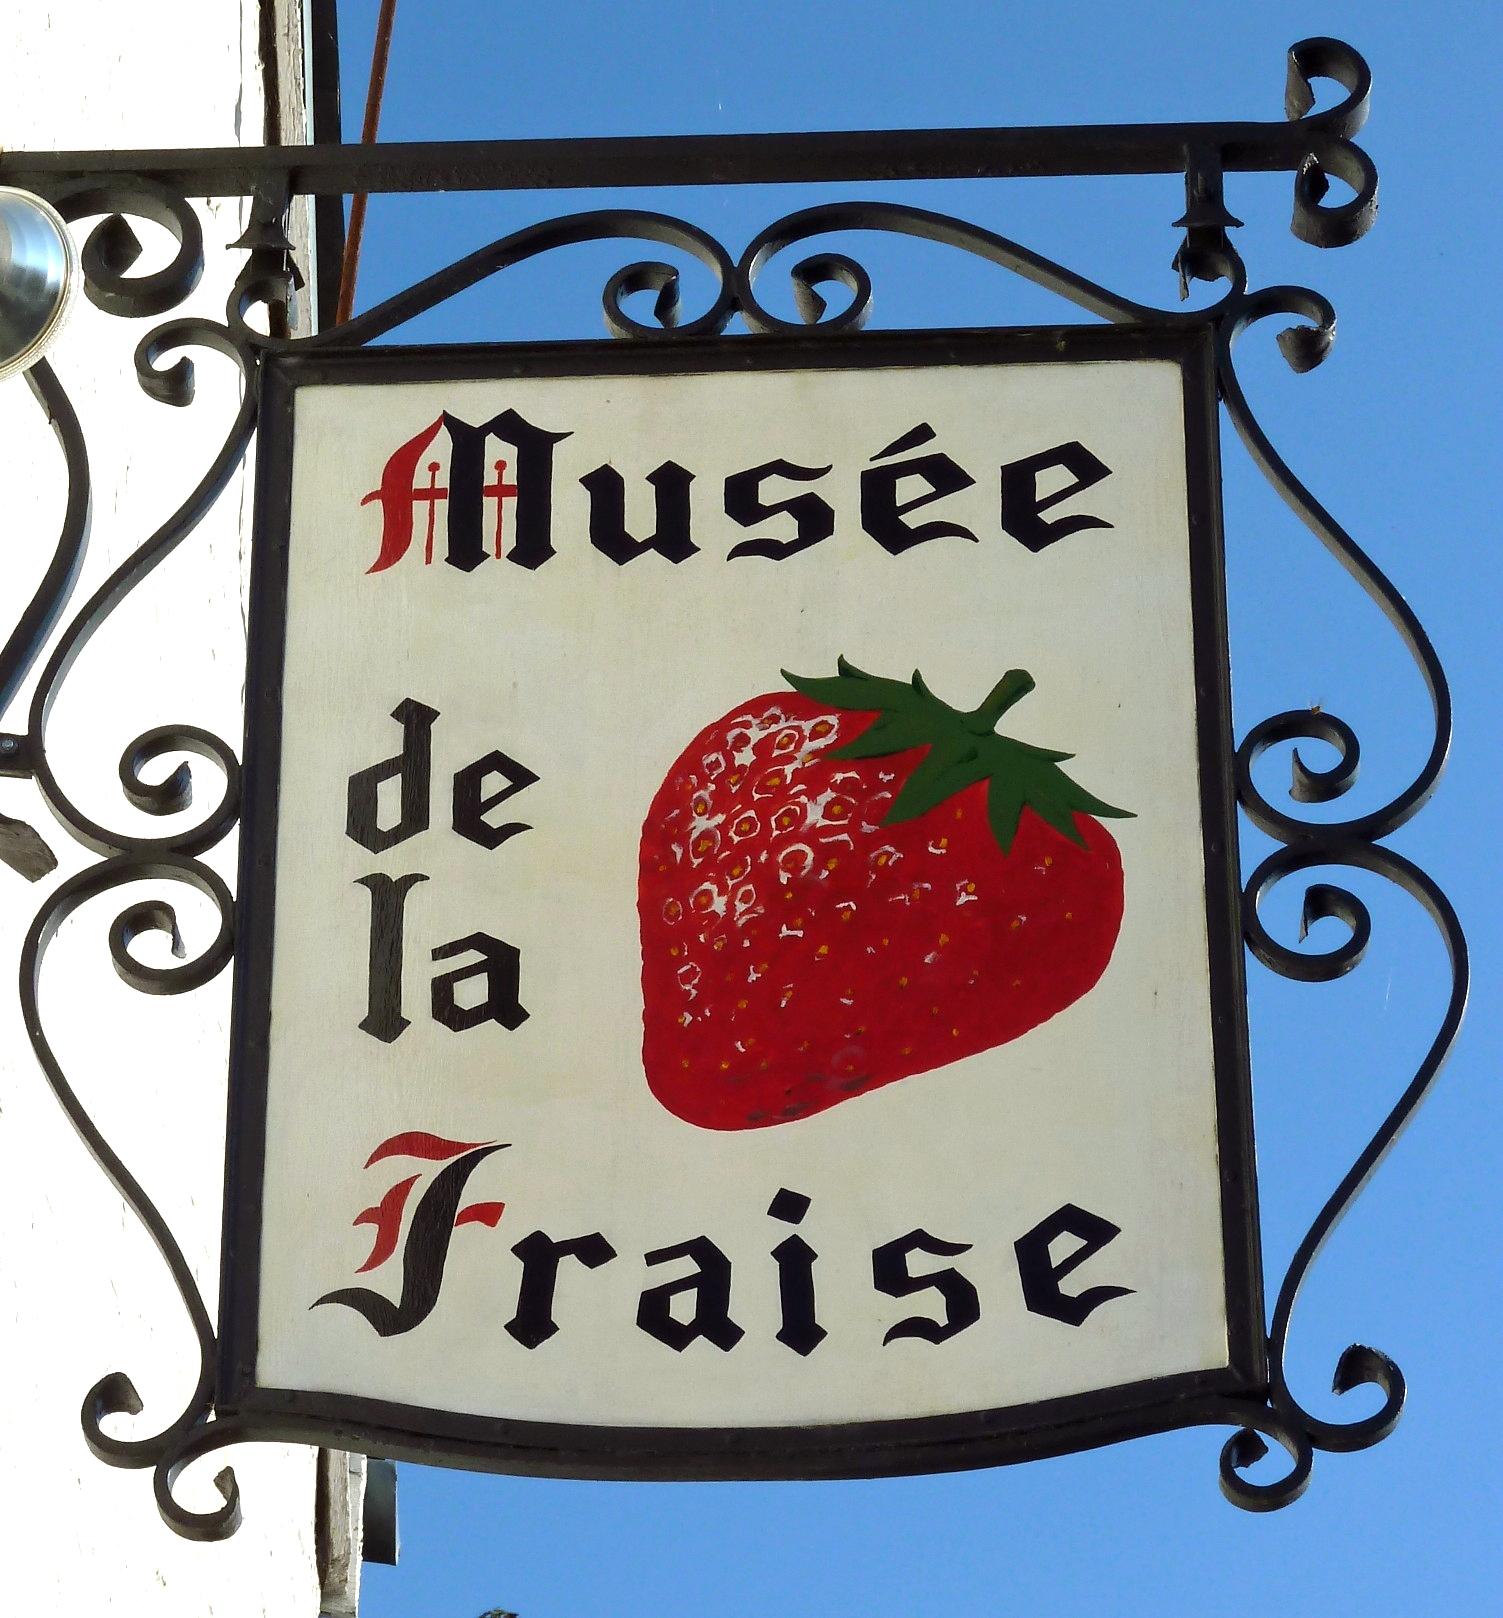 MUSEE DE LA FRAISE